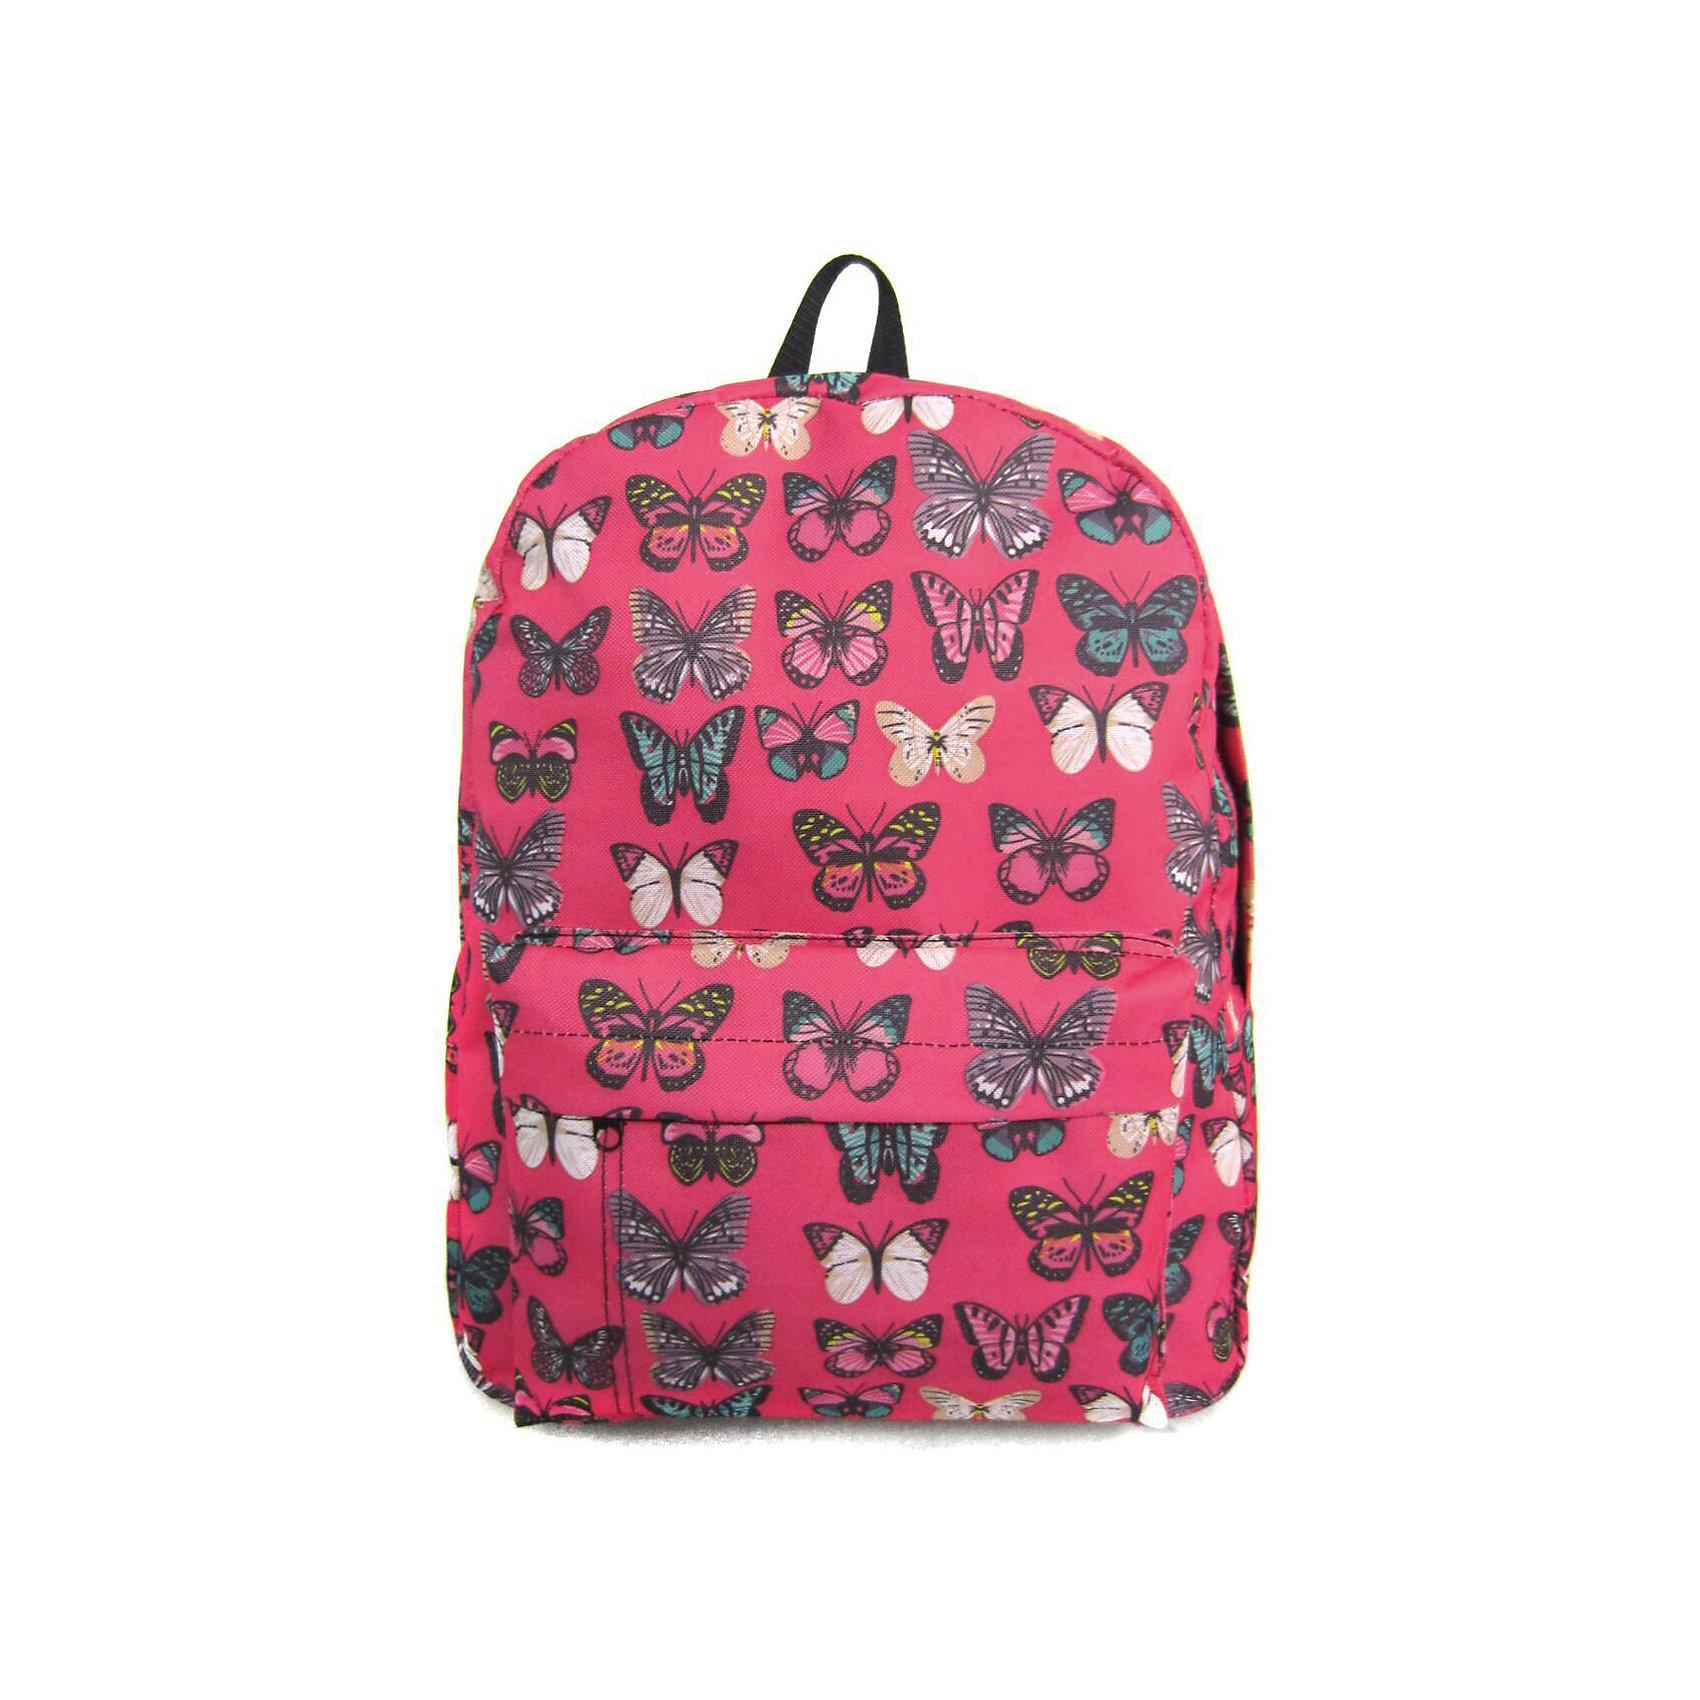 Рюкзак Махаоны с 1 карманом, цвет розовыйРюкзаки<br>Характеристики товара:<br><br>• цвет: розовый;<br>• возраст: от 7 лет;<br>• особенности рюкзака: большой, легкий, с принтом;<br>• вес: 0,3 кг;<br>• размер: 40х32х13 см;<br>• материал: полиэстер;<br>• усиленная спинка и дно рюкзака;<br>• лямки регулируются по росту; <br>• основное отделение на молнии;<br>• карман на лицевой стороне рюкзака;<br>• страна бренда: США;<br>• страна изготовитель: Китай.<br><br>Рюкзак «Махаоны» - очень удобная и вместительная модель. <br><br>Лямки регулируются по росту. Просторный внутренний отсек, наружний карман на молнии будут очень удобны в использовании. Благодаря текстильной ручке рюкзак можно повесить. Выполнен рюкзак из влагостойкой ткани. <br><br>Рюкзак «Махаоны» с 1 карманом можно купить в нашем интернет-магазине.<br><br>Ширина мм: 400<br>Глубина мм: 320<br>Высота мм: 130<br>Вес г: 300<br>Возраст от месяцев: 84<br>Возраст до месяцев: 720<br>Пол: Унисекс<br>Возраст: Детский<br>SKU: 7054049